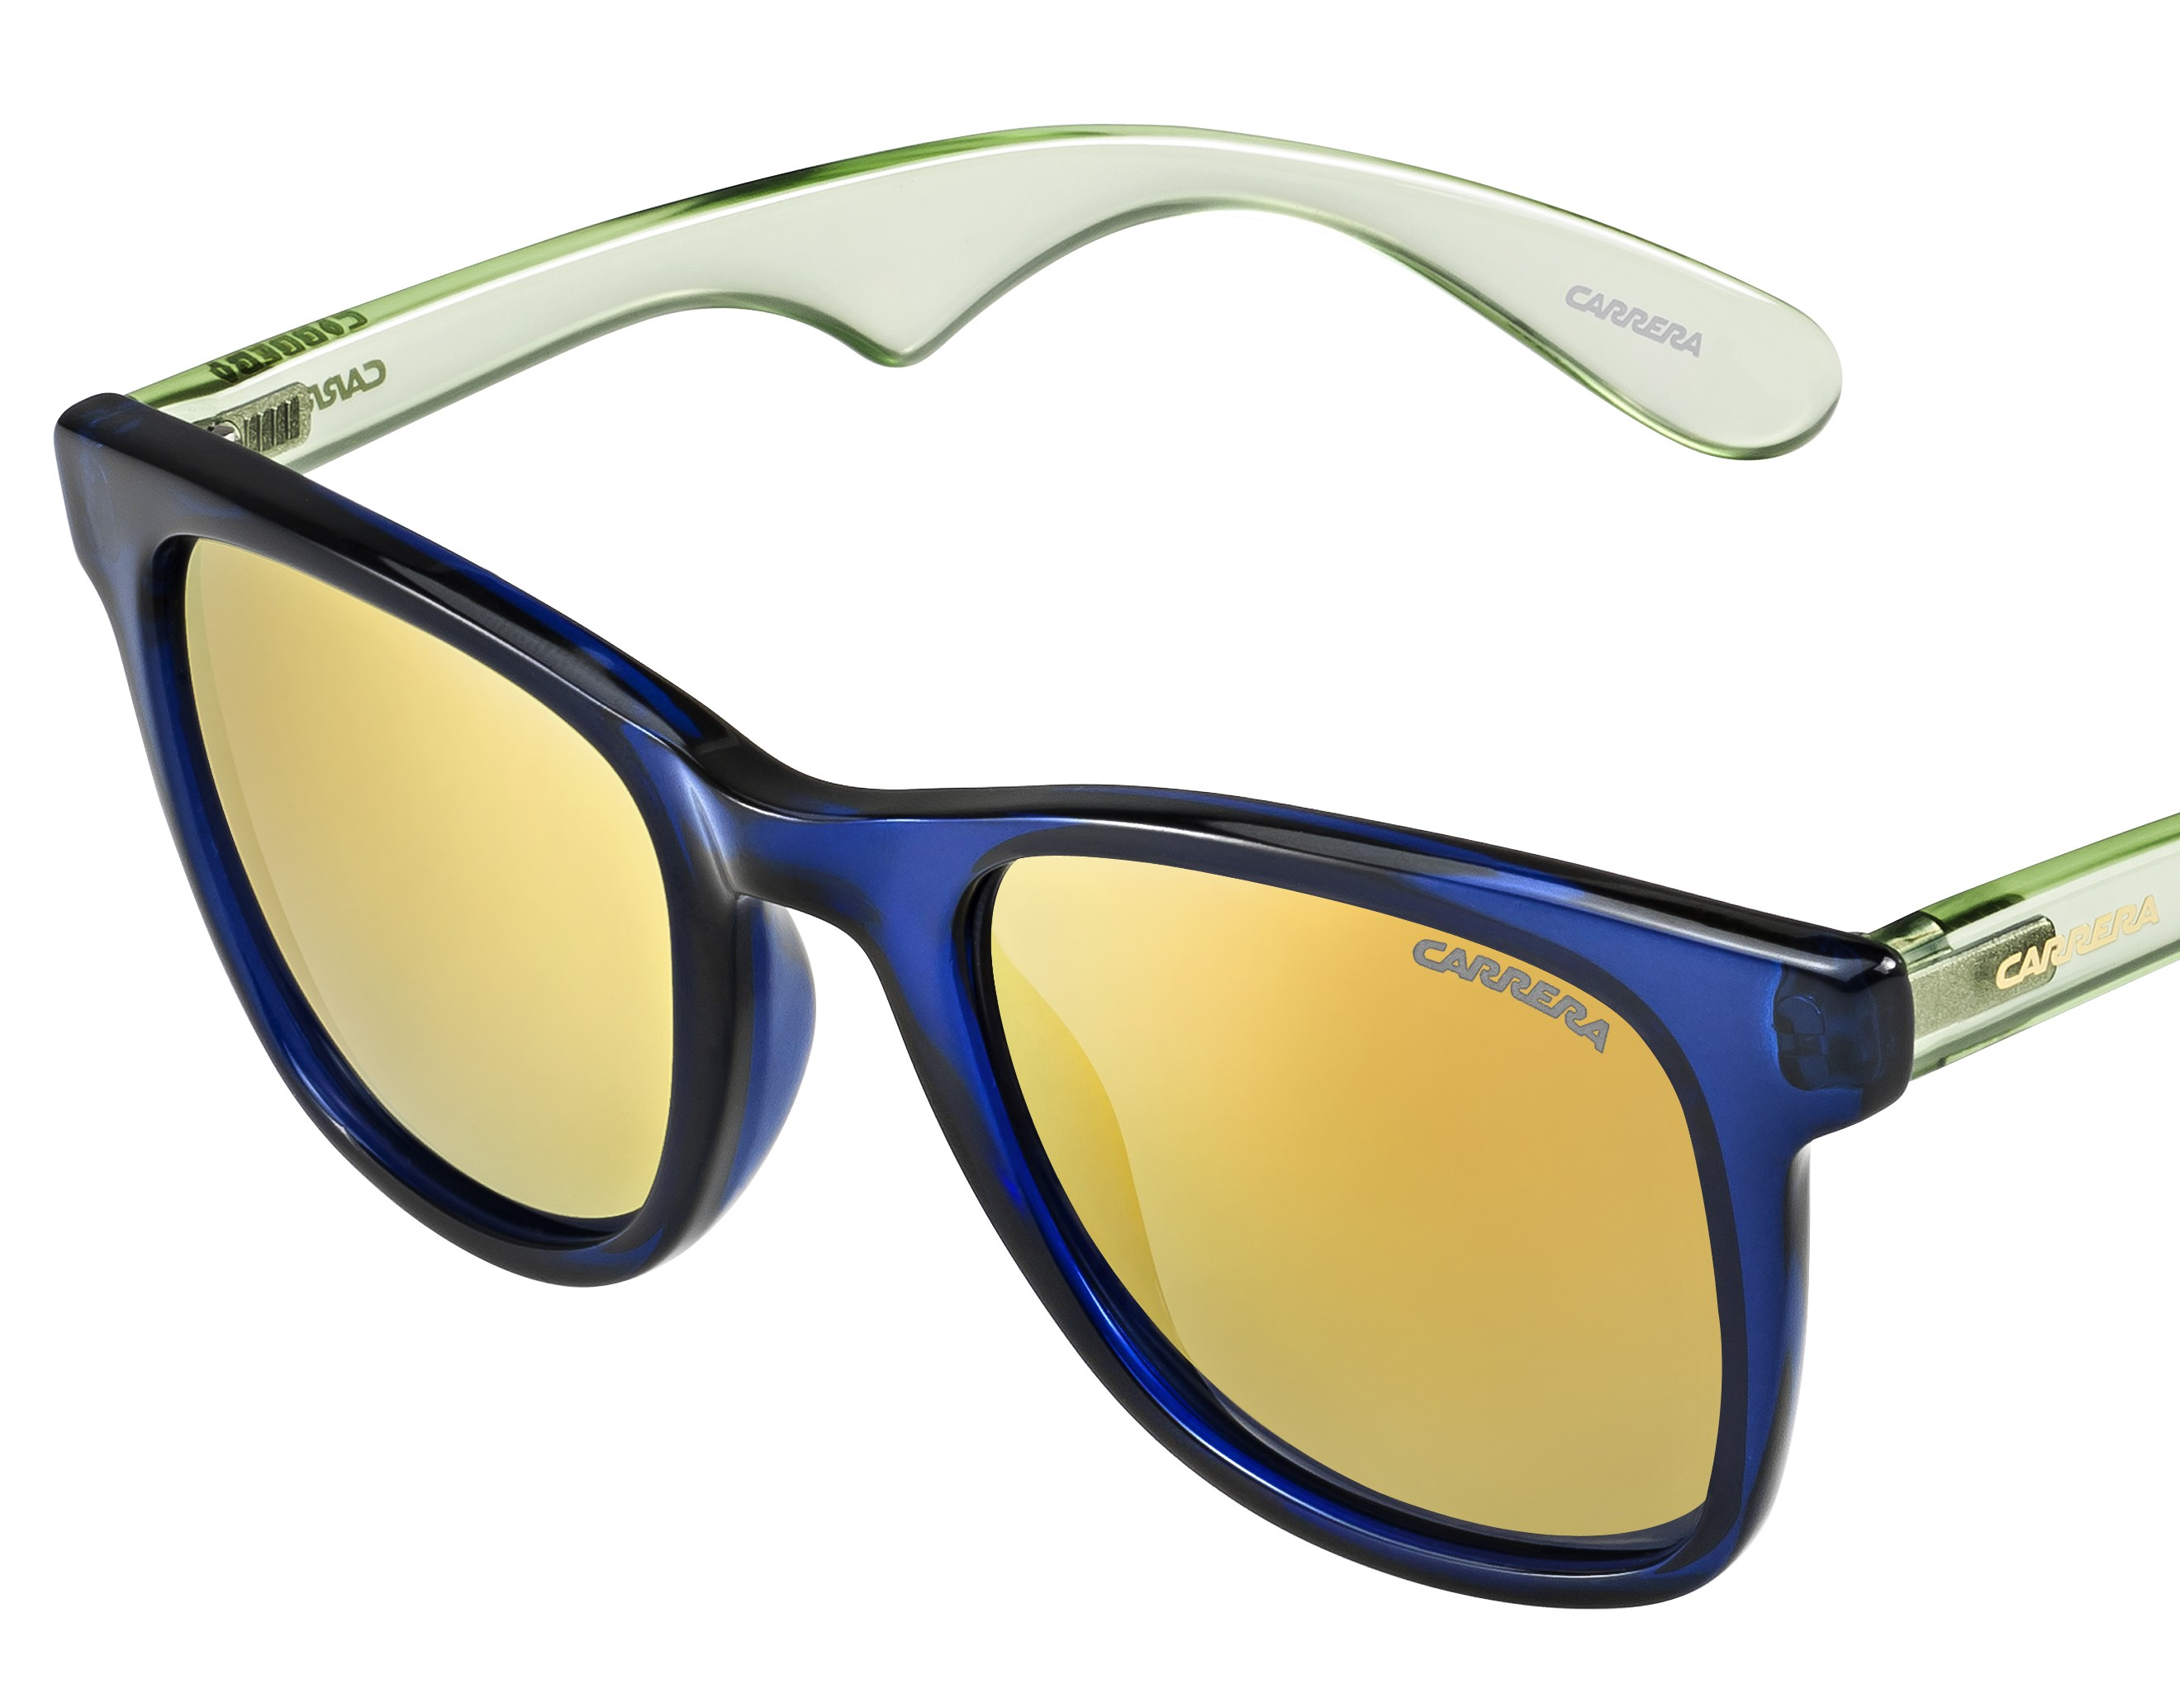 Carrera lança óculos especiais para a Copa inspirados nas riquezas do  Brasil – Glamurama 26660d8171